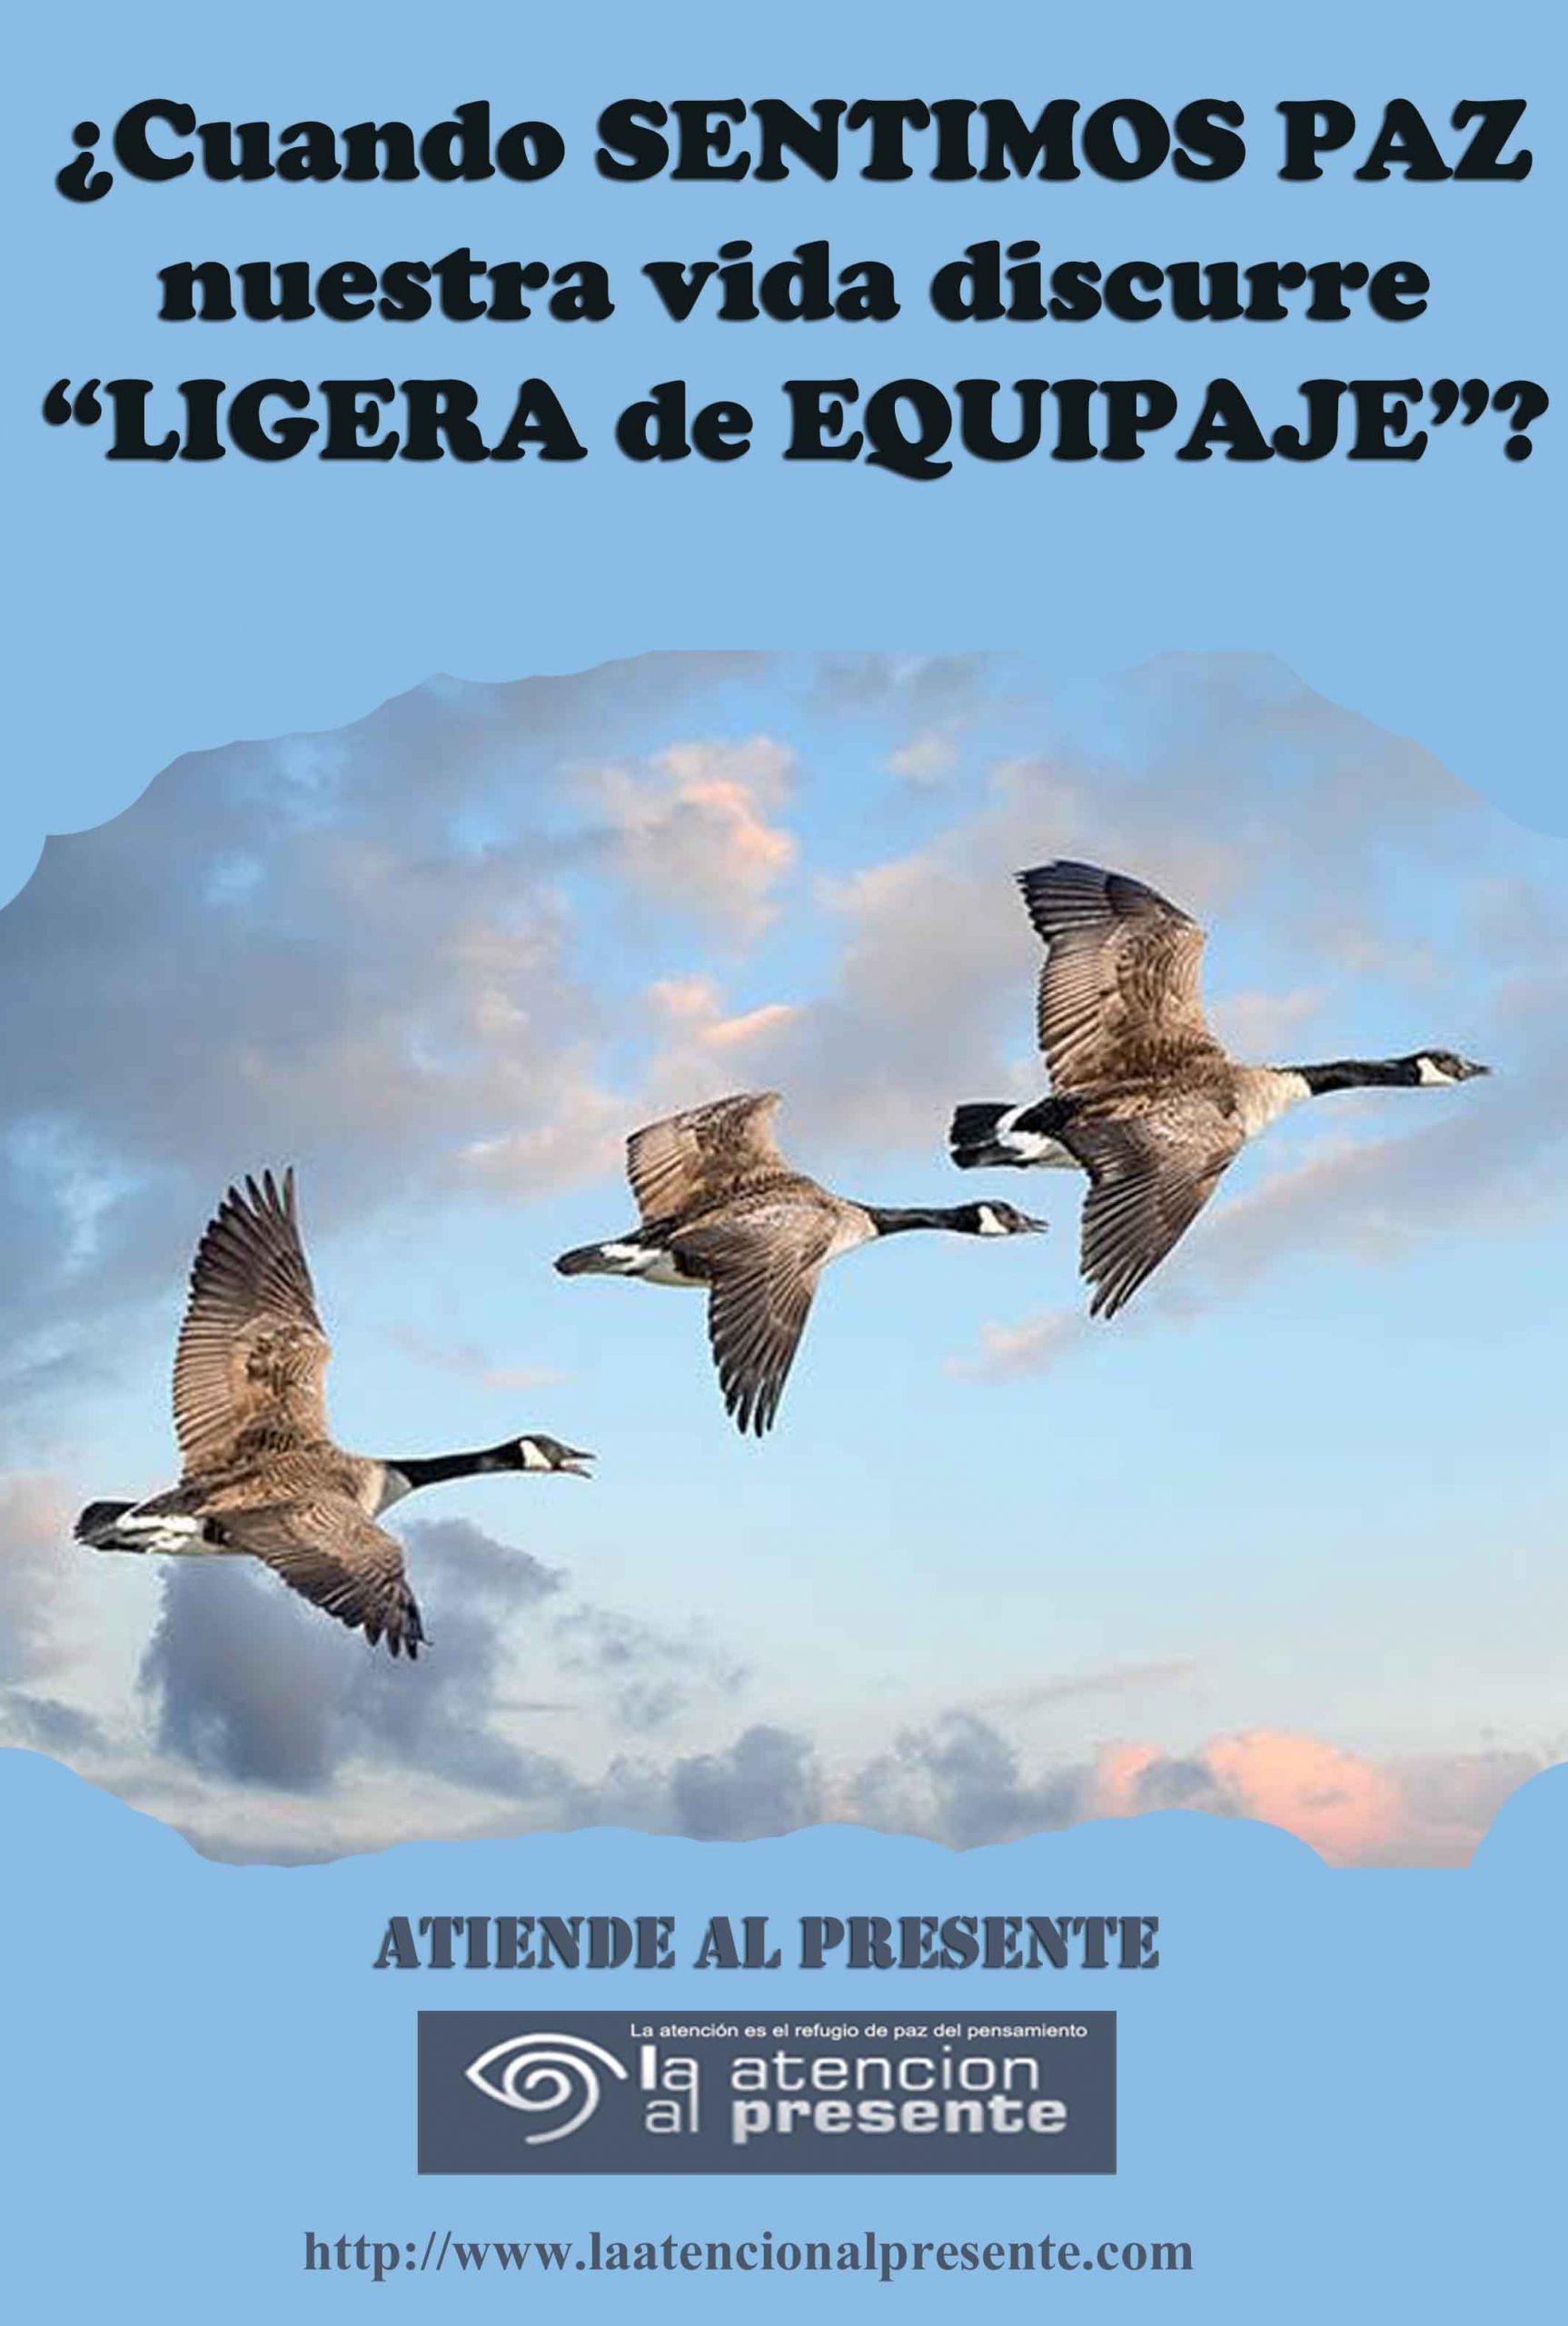 3 de Julio Esteban Cuando SENTIMOS PAZ nuestra vida discurre LIGERA de EQUIPAJE min scaled